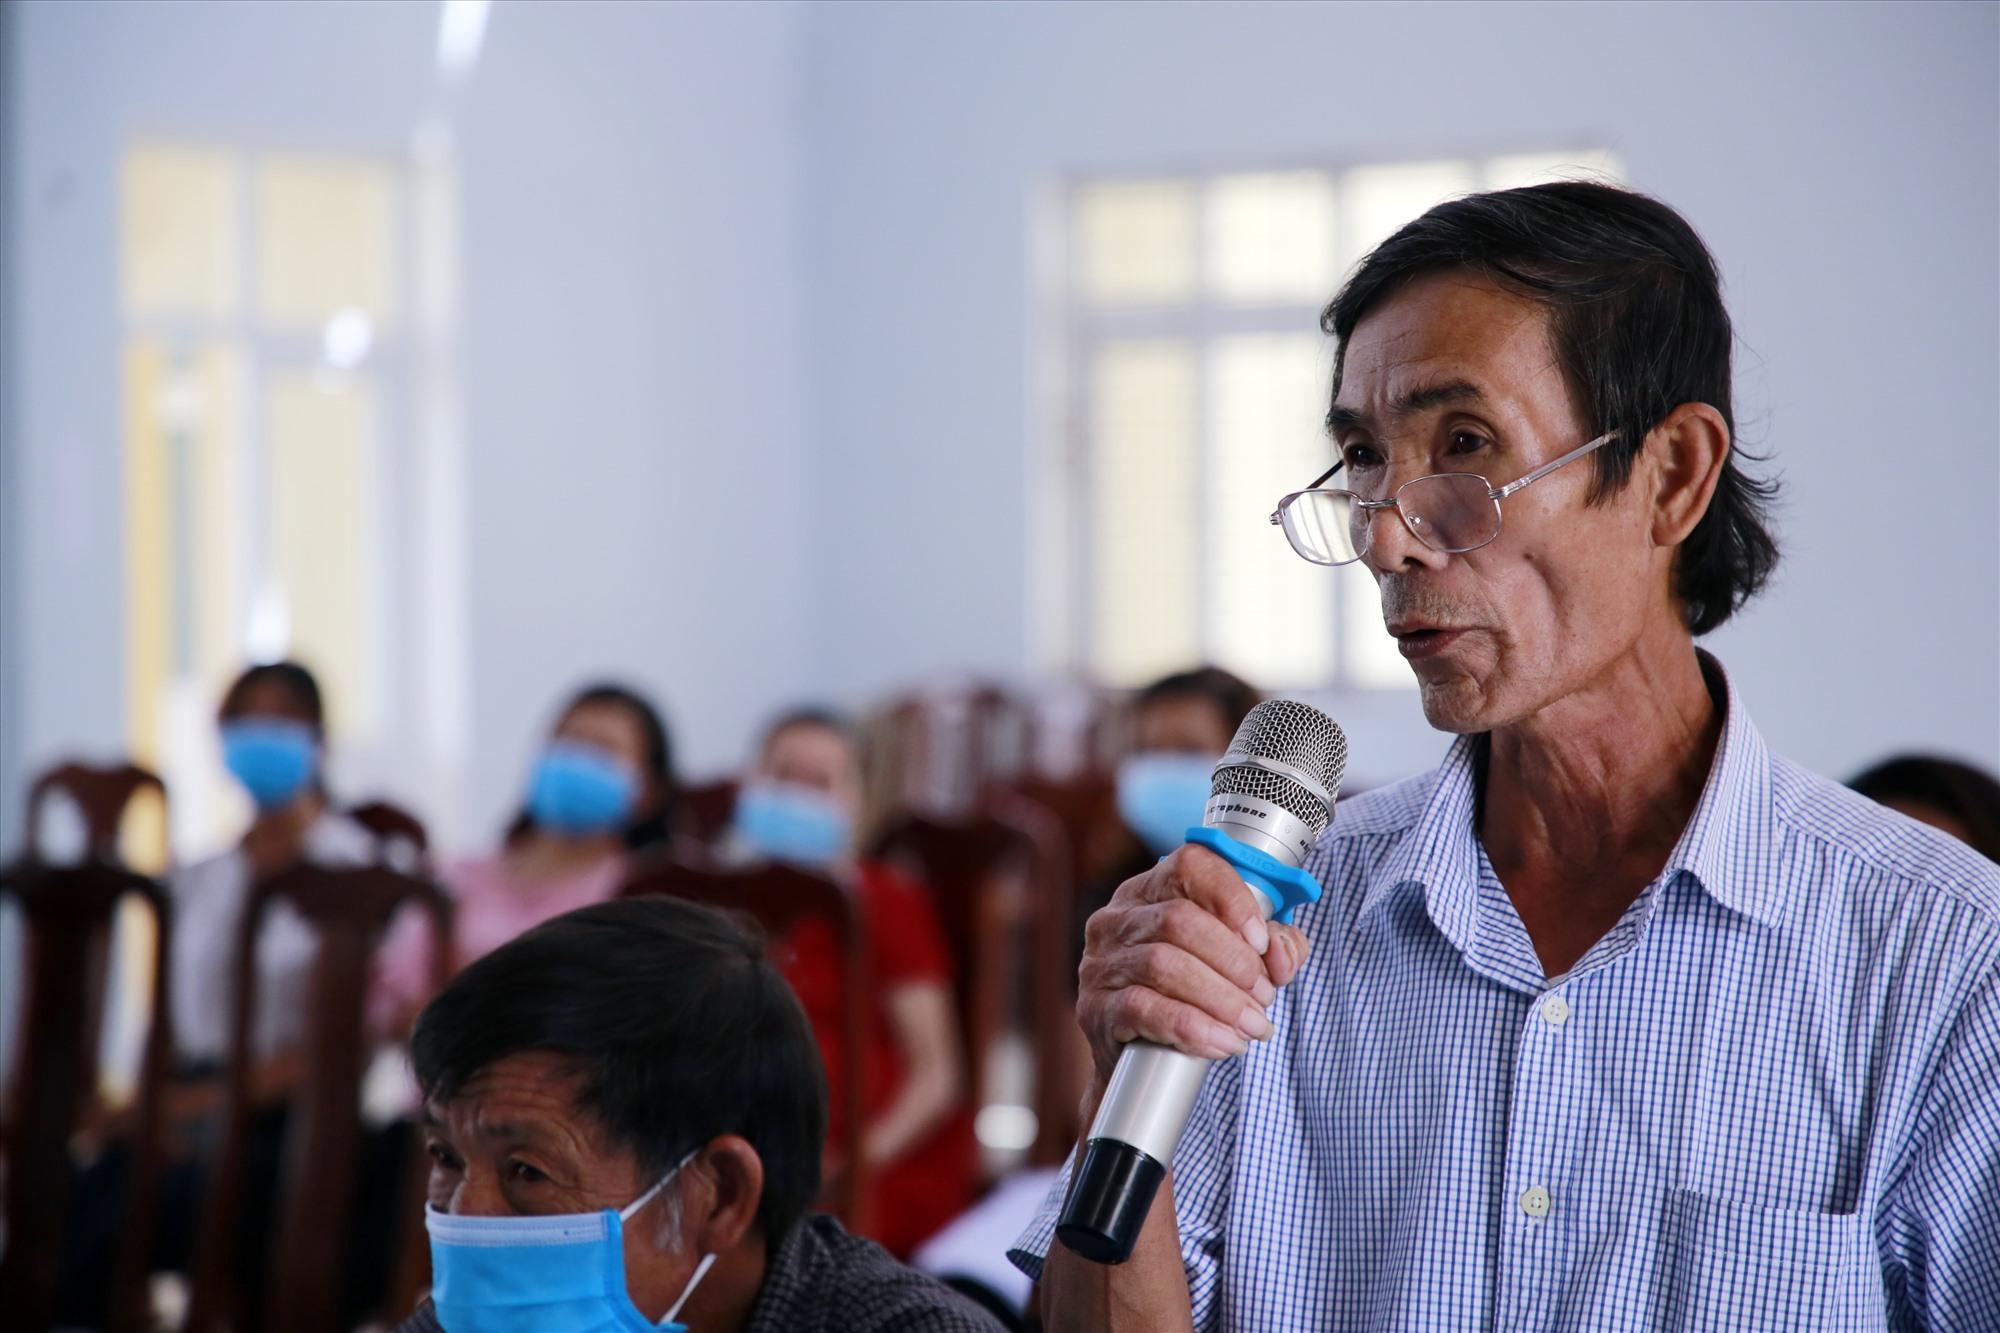 Cử tri Lê Đình Thiết đề nghị đại biểu nếu trúng cử cần quan tâm đến vấn đề môi trường ở xã đảo Tam Hải. Ảnh: Đ.C